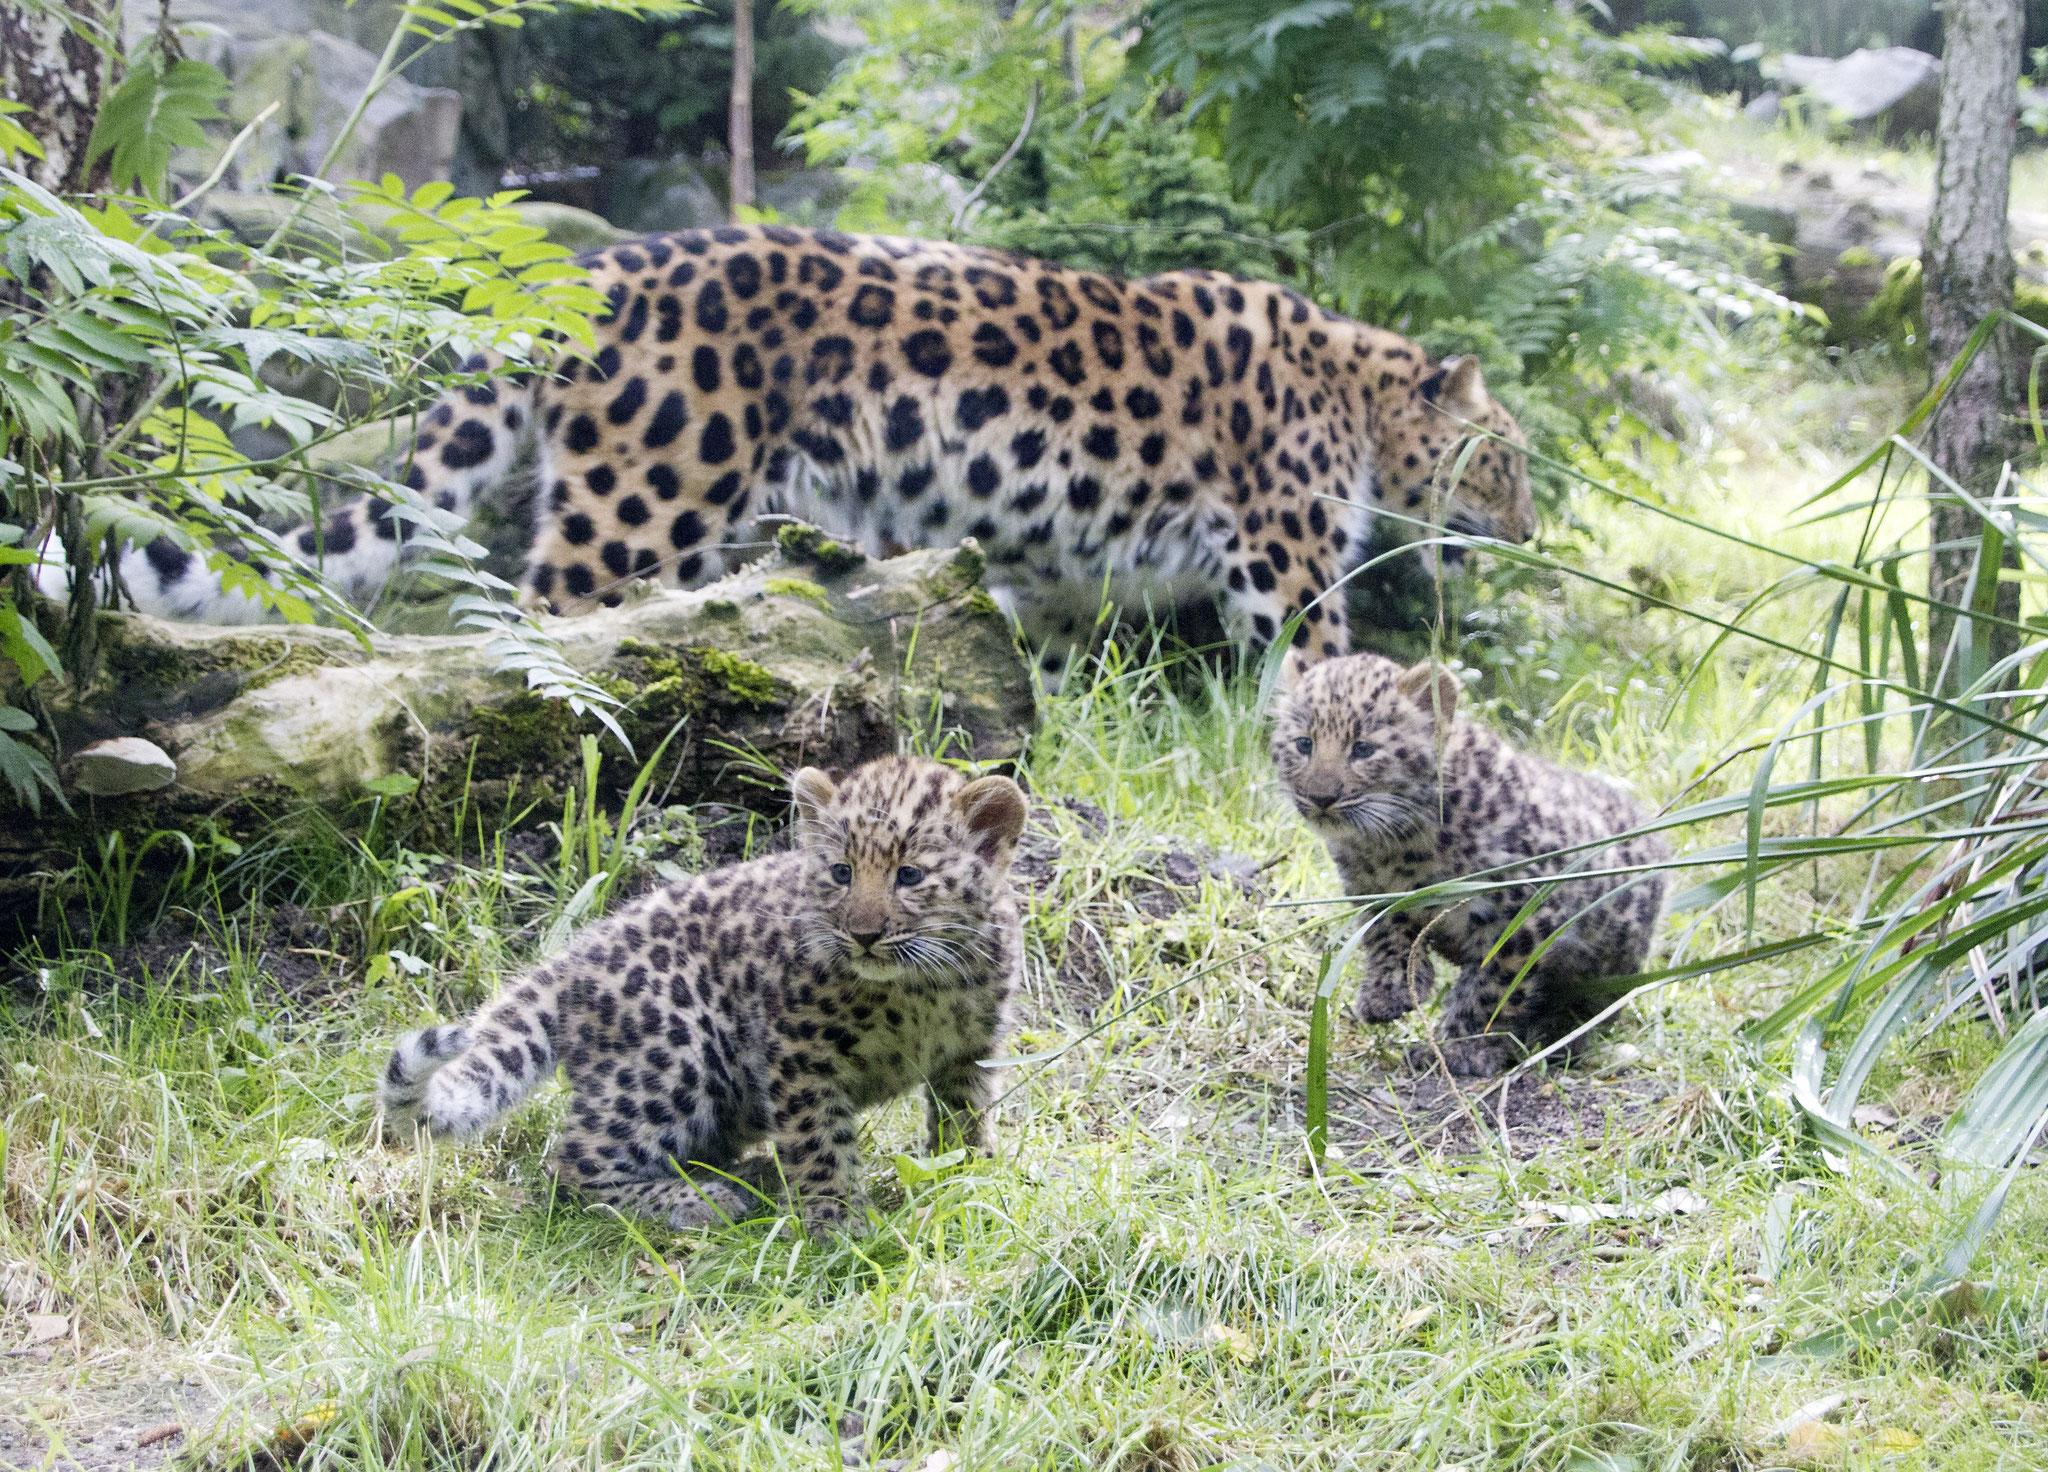 Amurleopardin mit Jungtieren